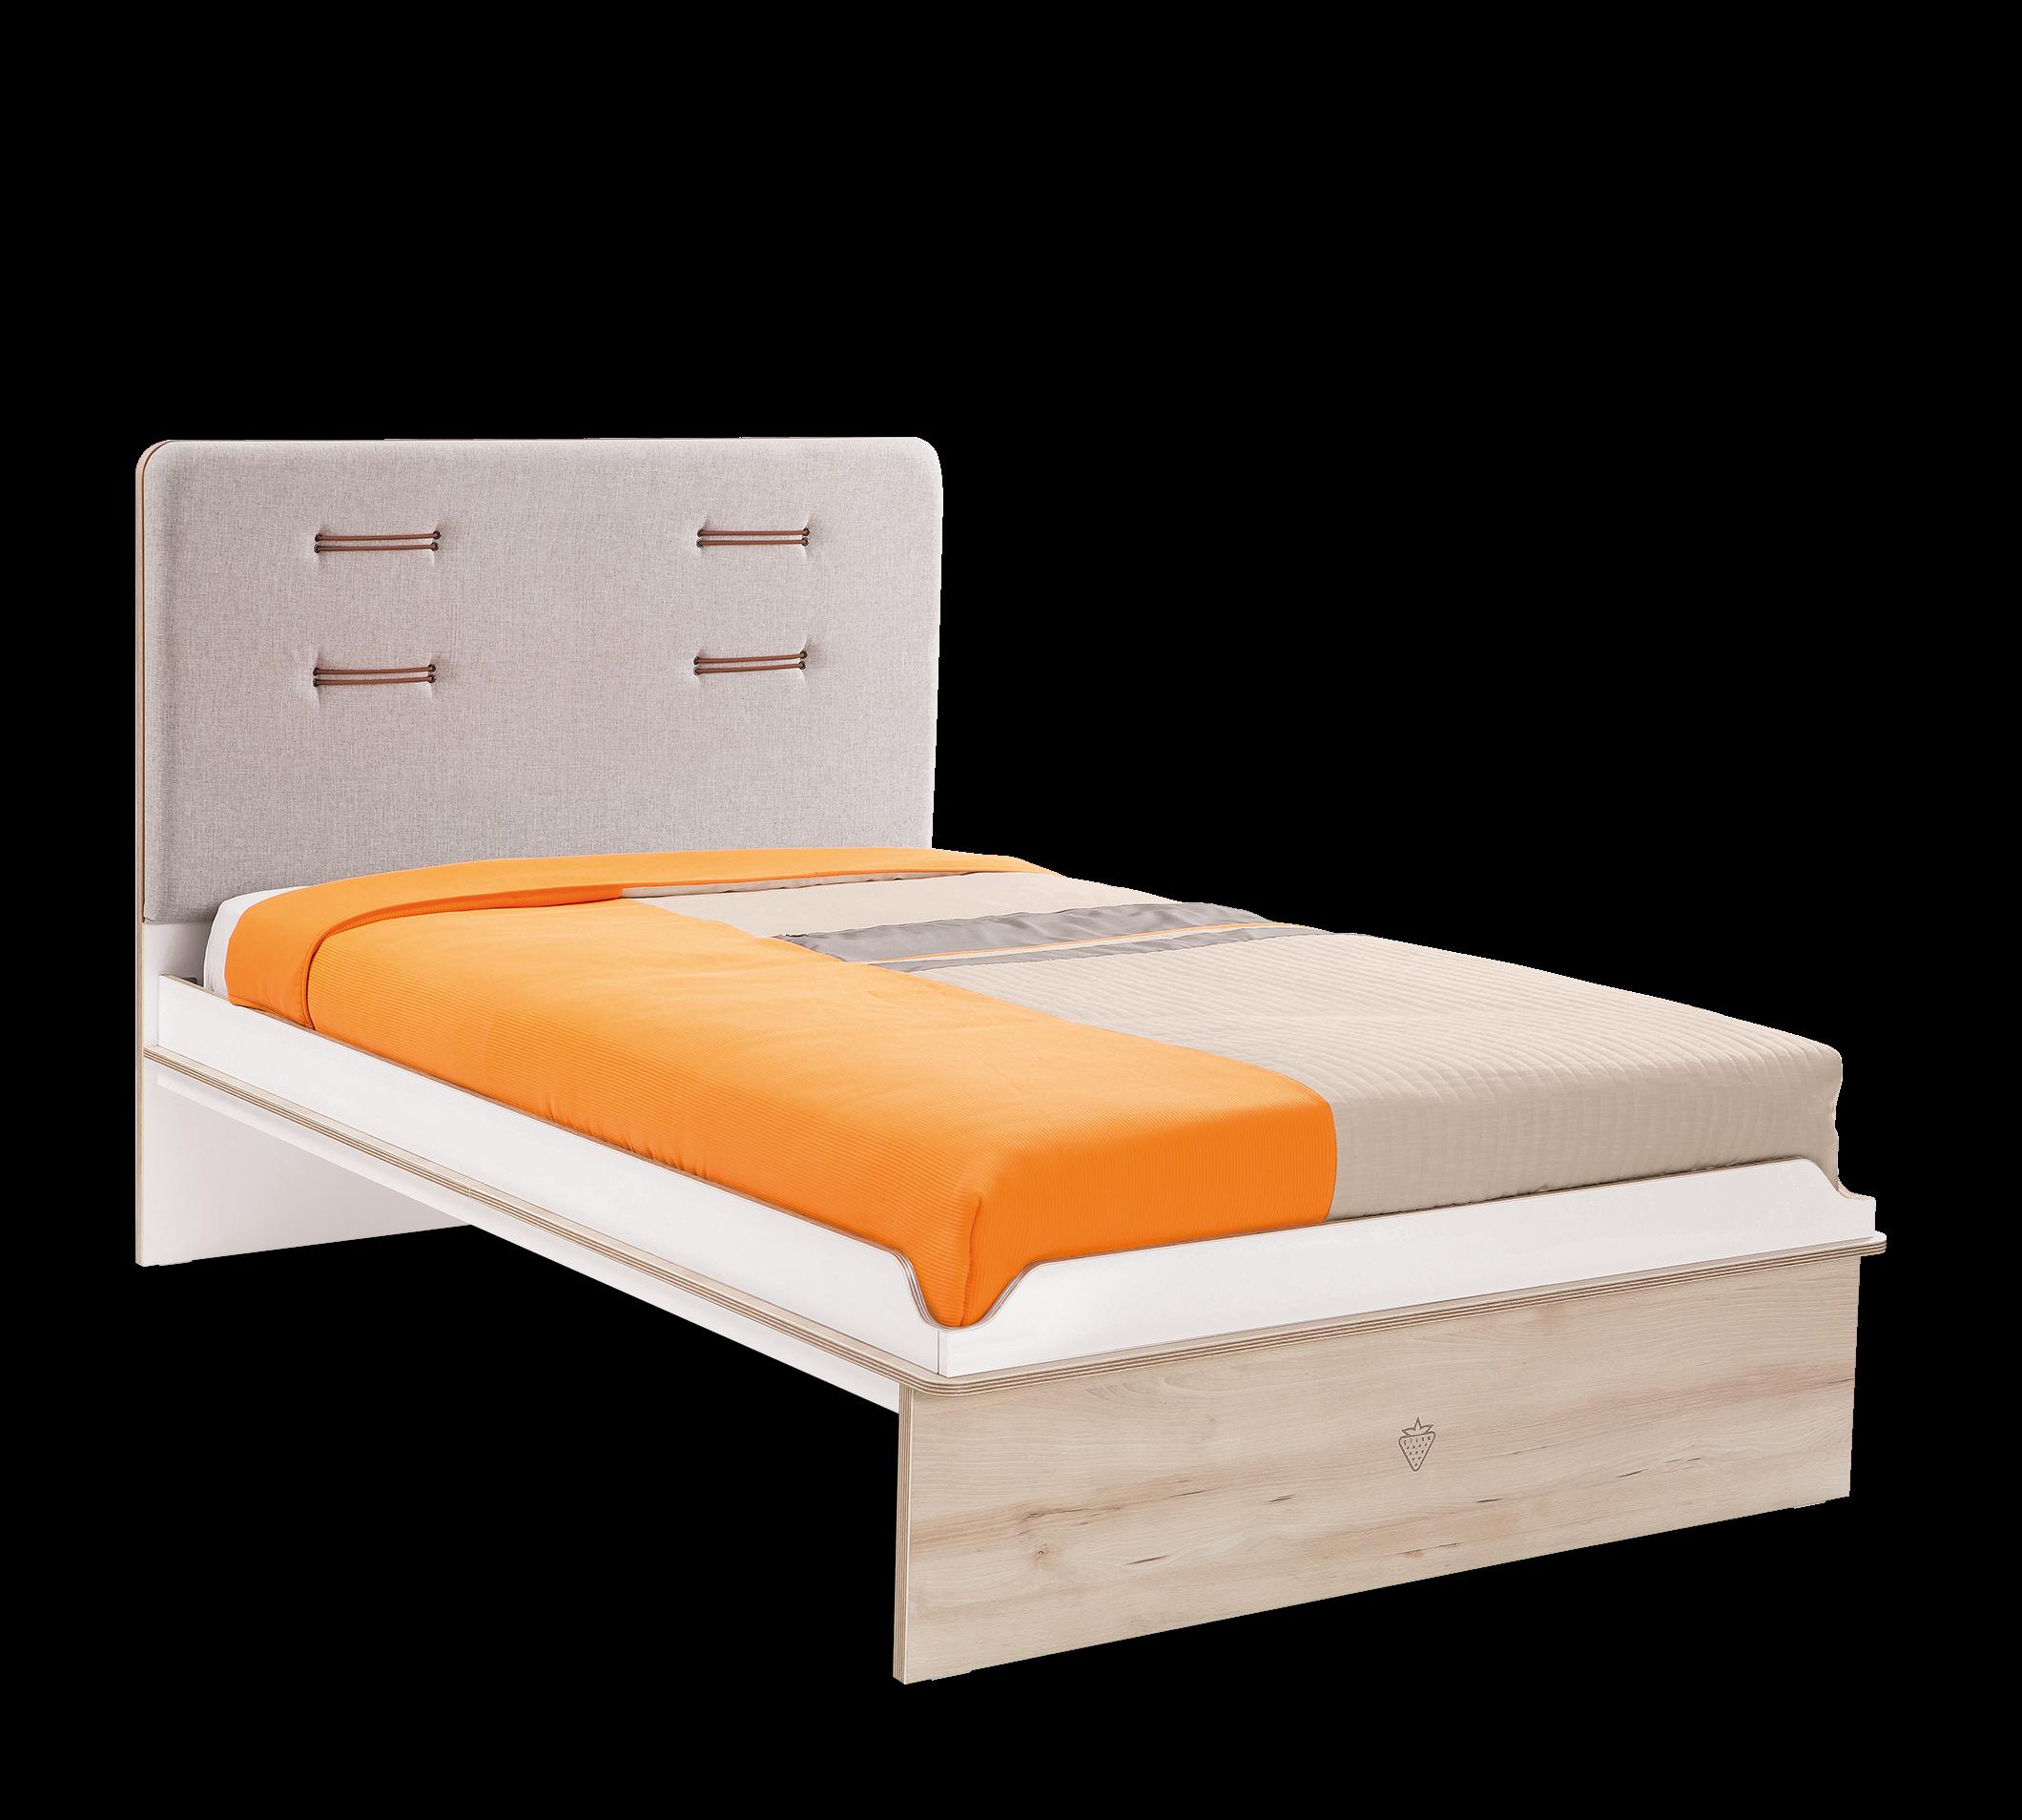 Full Size of Dynamic Bett 100x200 Cm Lek Balinesische Betten Einzelbett Poco 180x200 Mit Bettkasten Oschmann Kaufen Günstig Modernes Coole Holz Komplett Zum Ausziehen Bett Bett 100x200